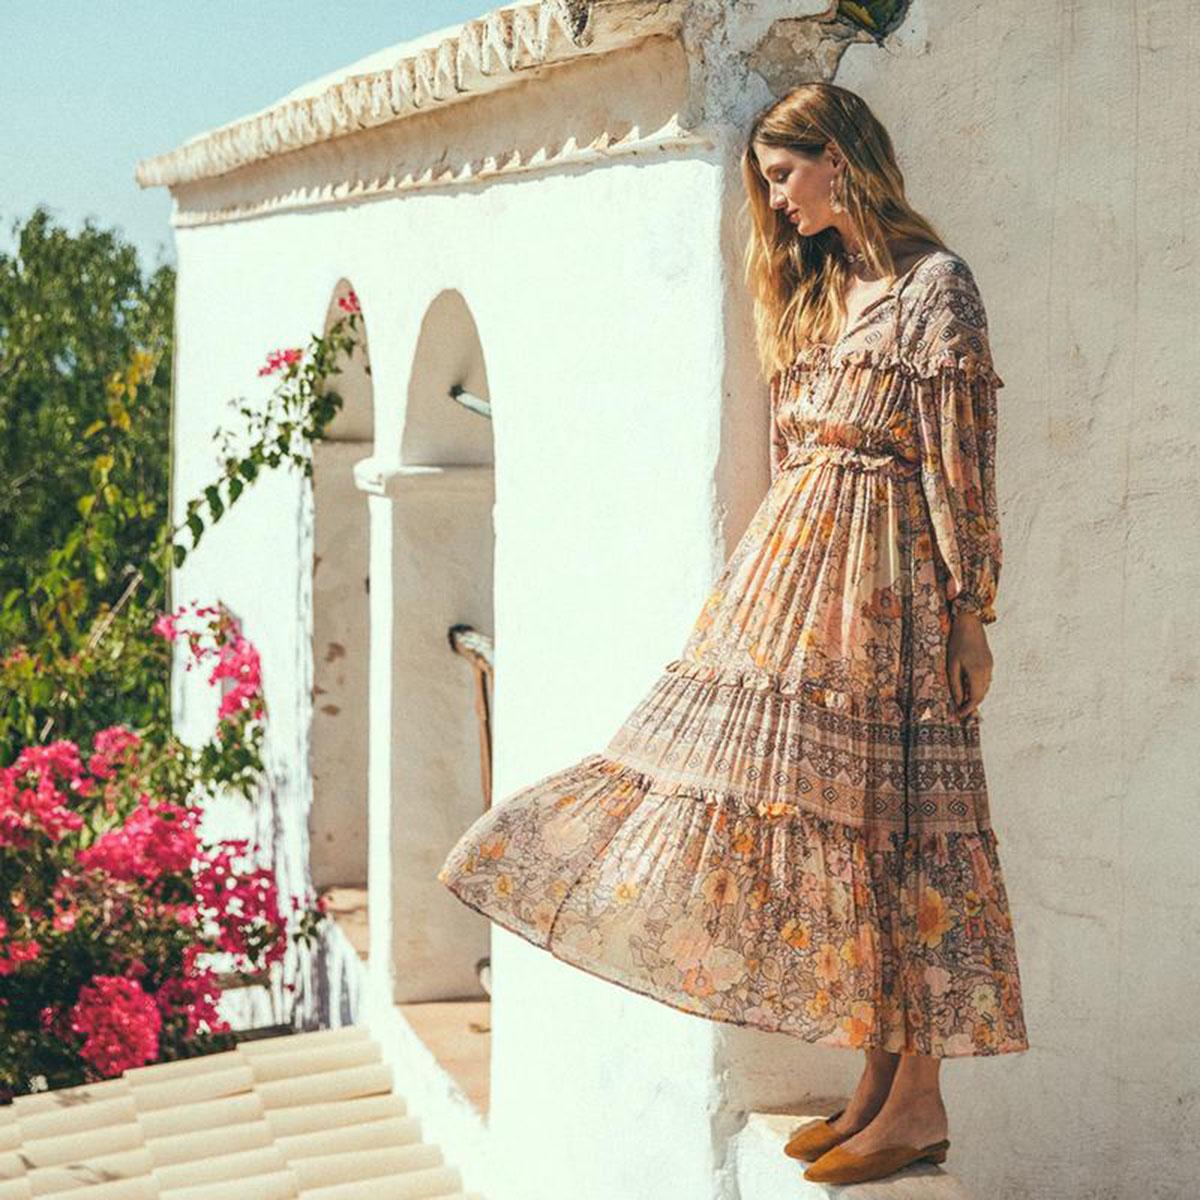 Volants Floral robe d'été automne à manches longues col en V Vintage robe 2019 vêtements d'été Boho plage Hippie fête robe d'été